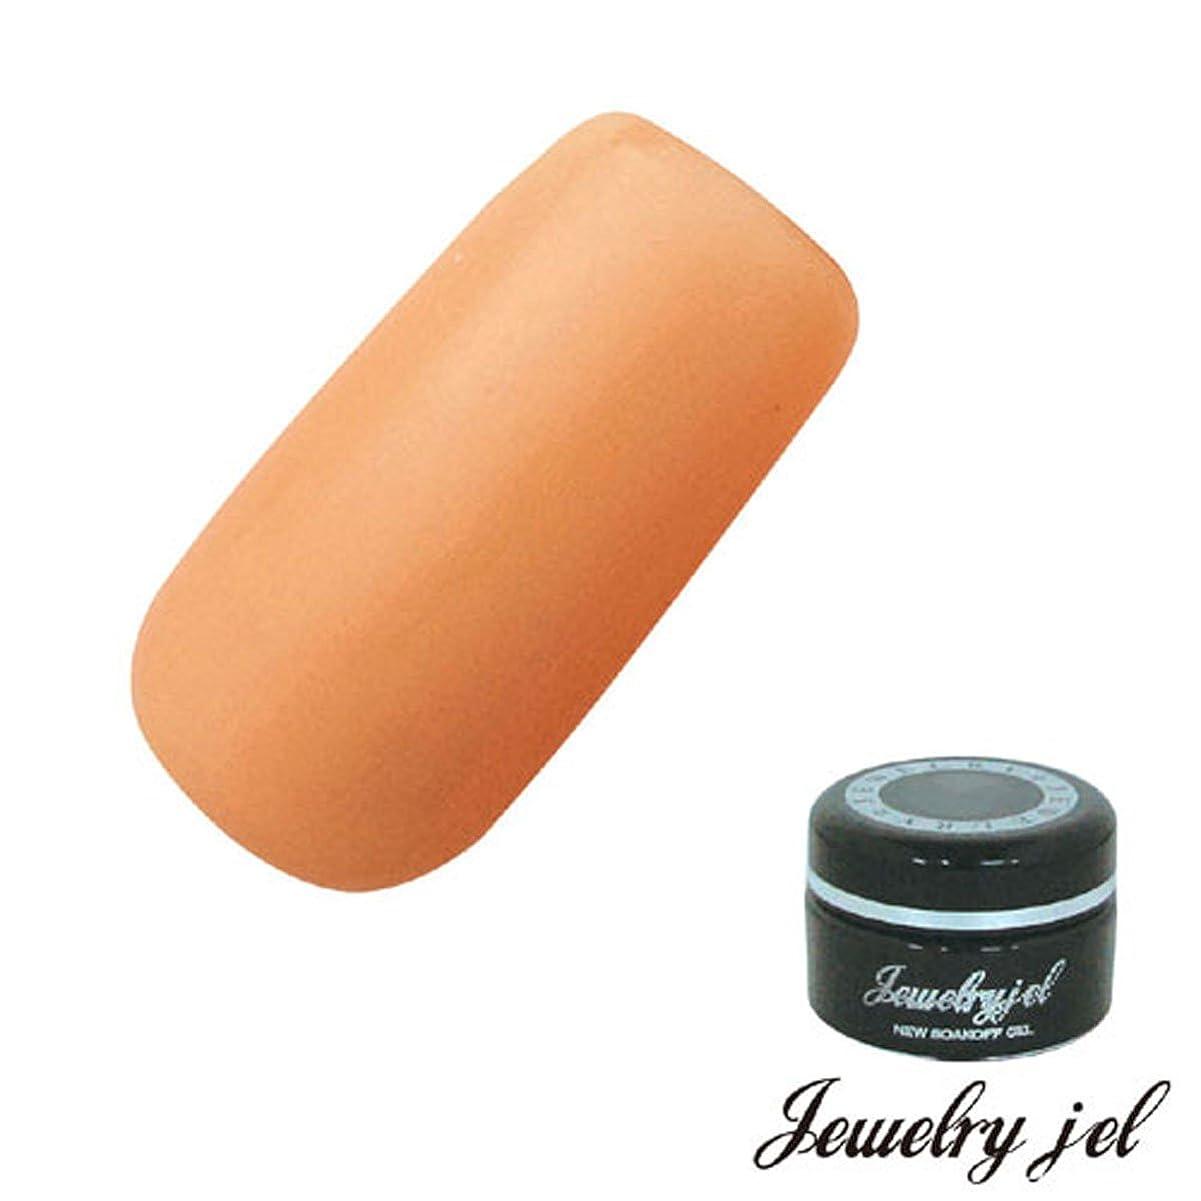 乳製品多年生忌避剤ジュエリージェル ジェルネイル カラージェル CO101 3.5g ベージュ マット UV/LED対応  ソークオフジェル マットベージュオークル